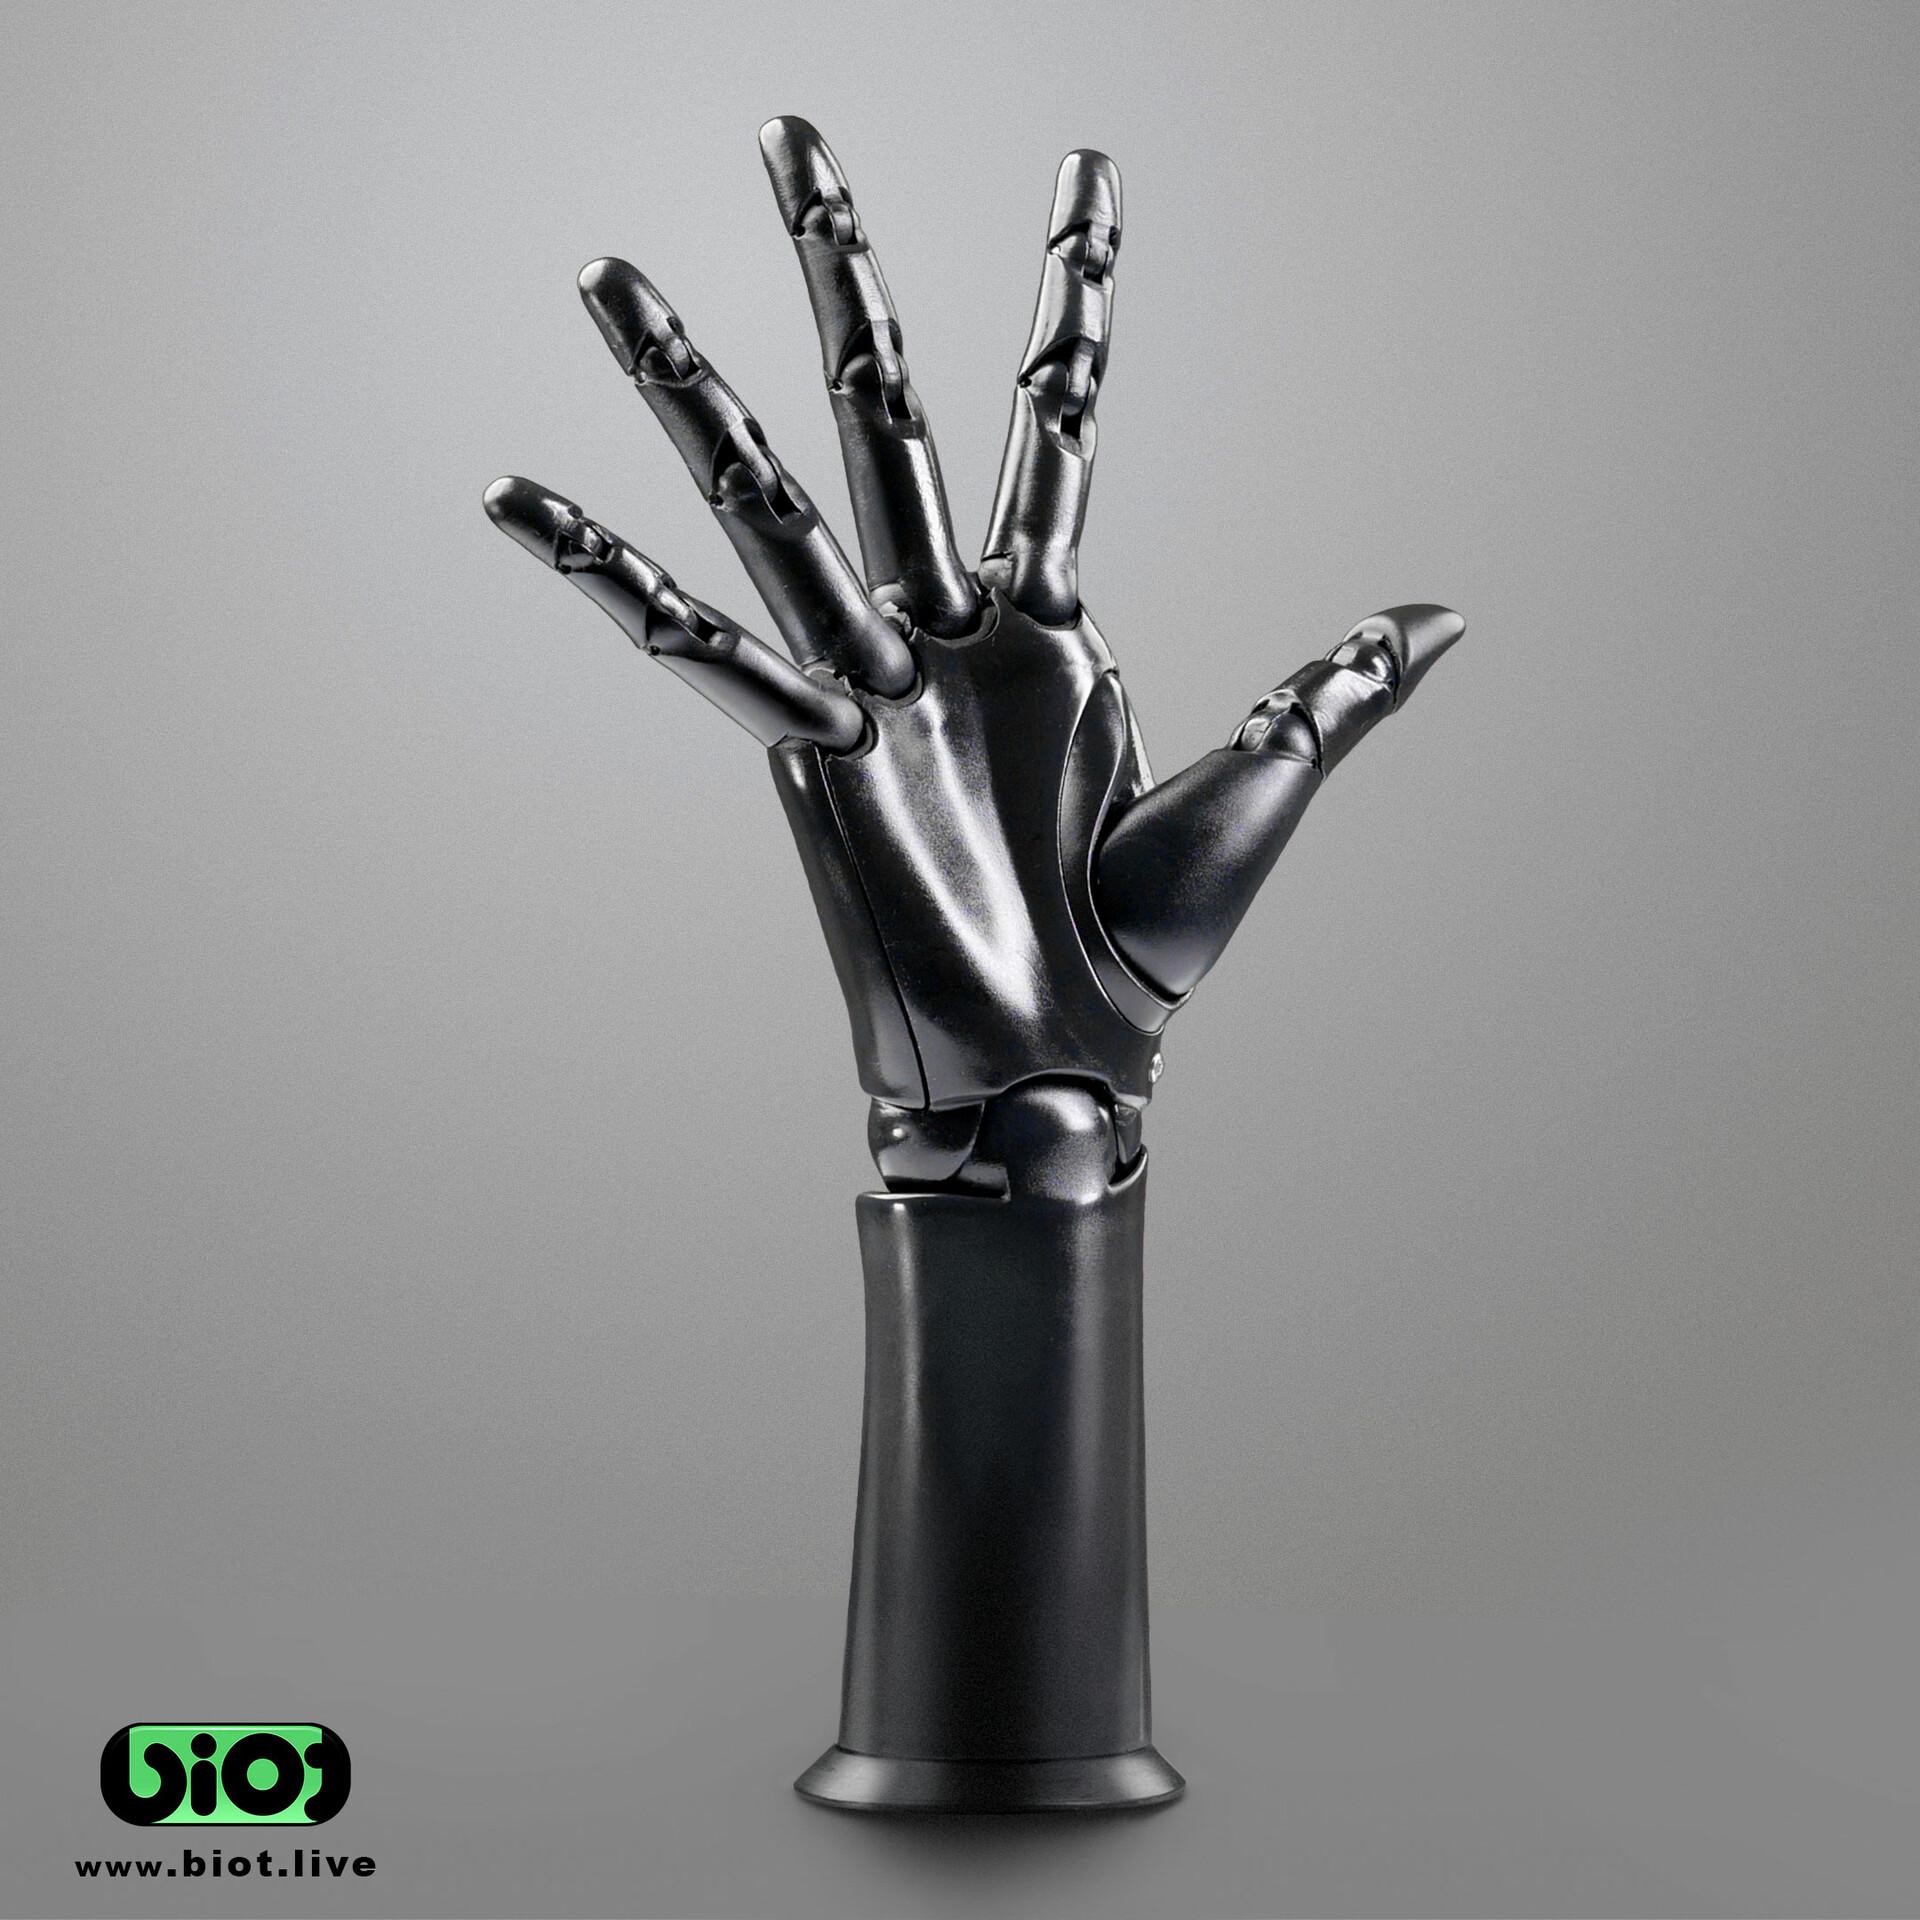 Sviatoslav gerasimchuk biot bionic hand outstretched